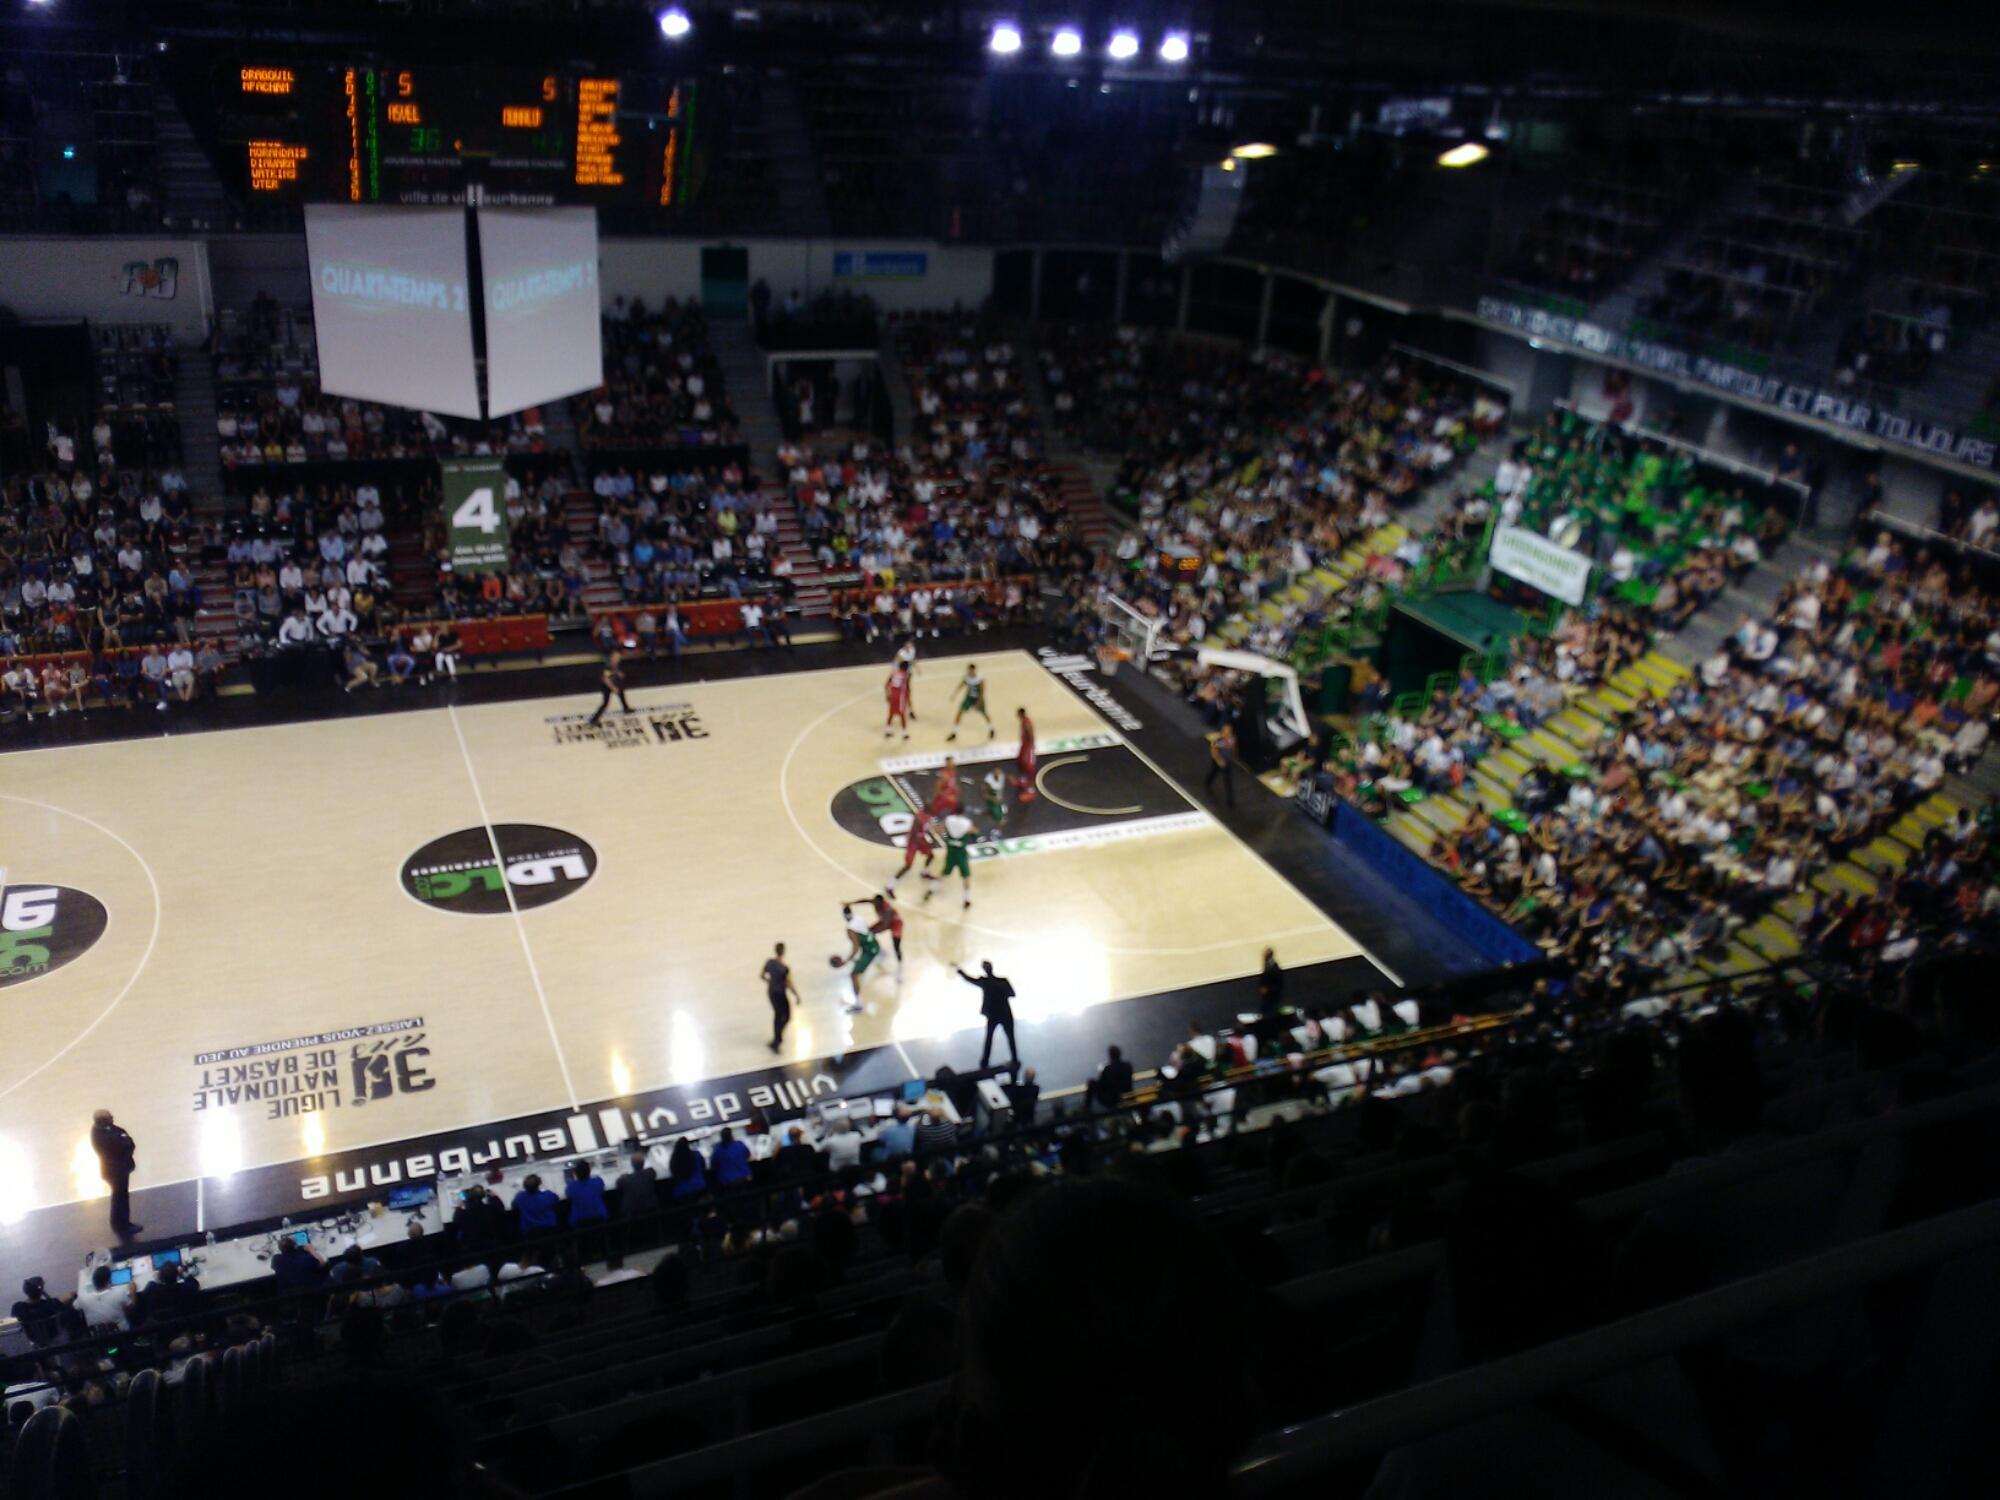 リヨンでバスケットボール観戦!*ASVEL Lyon-Villeurbanne